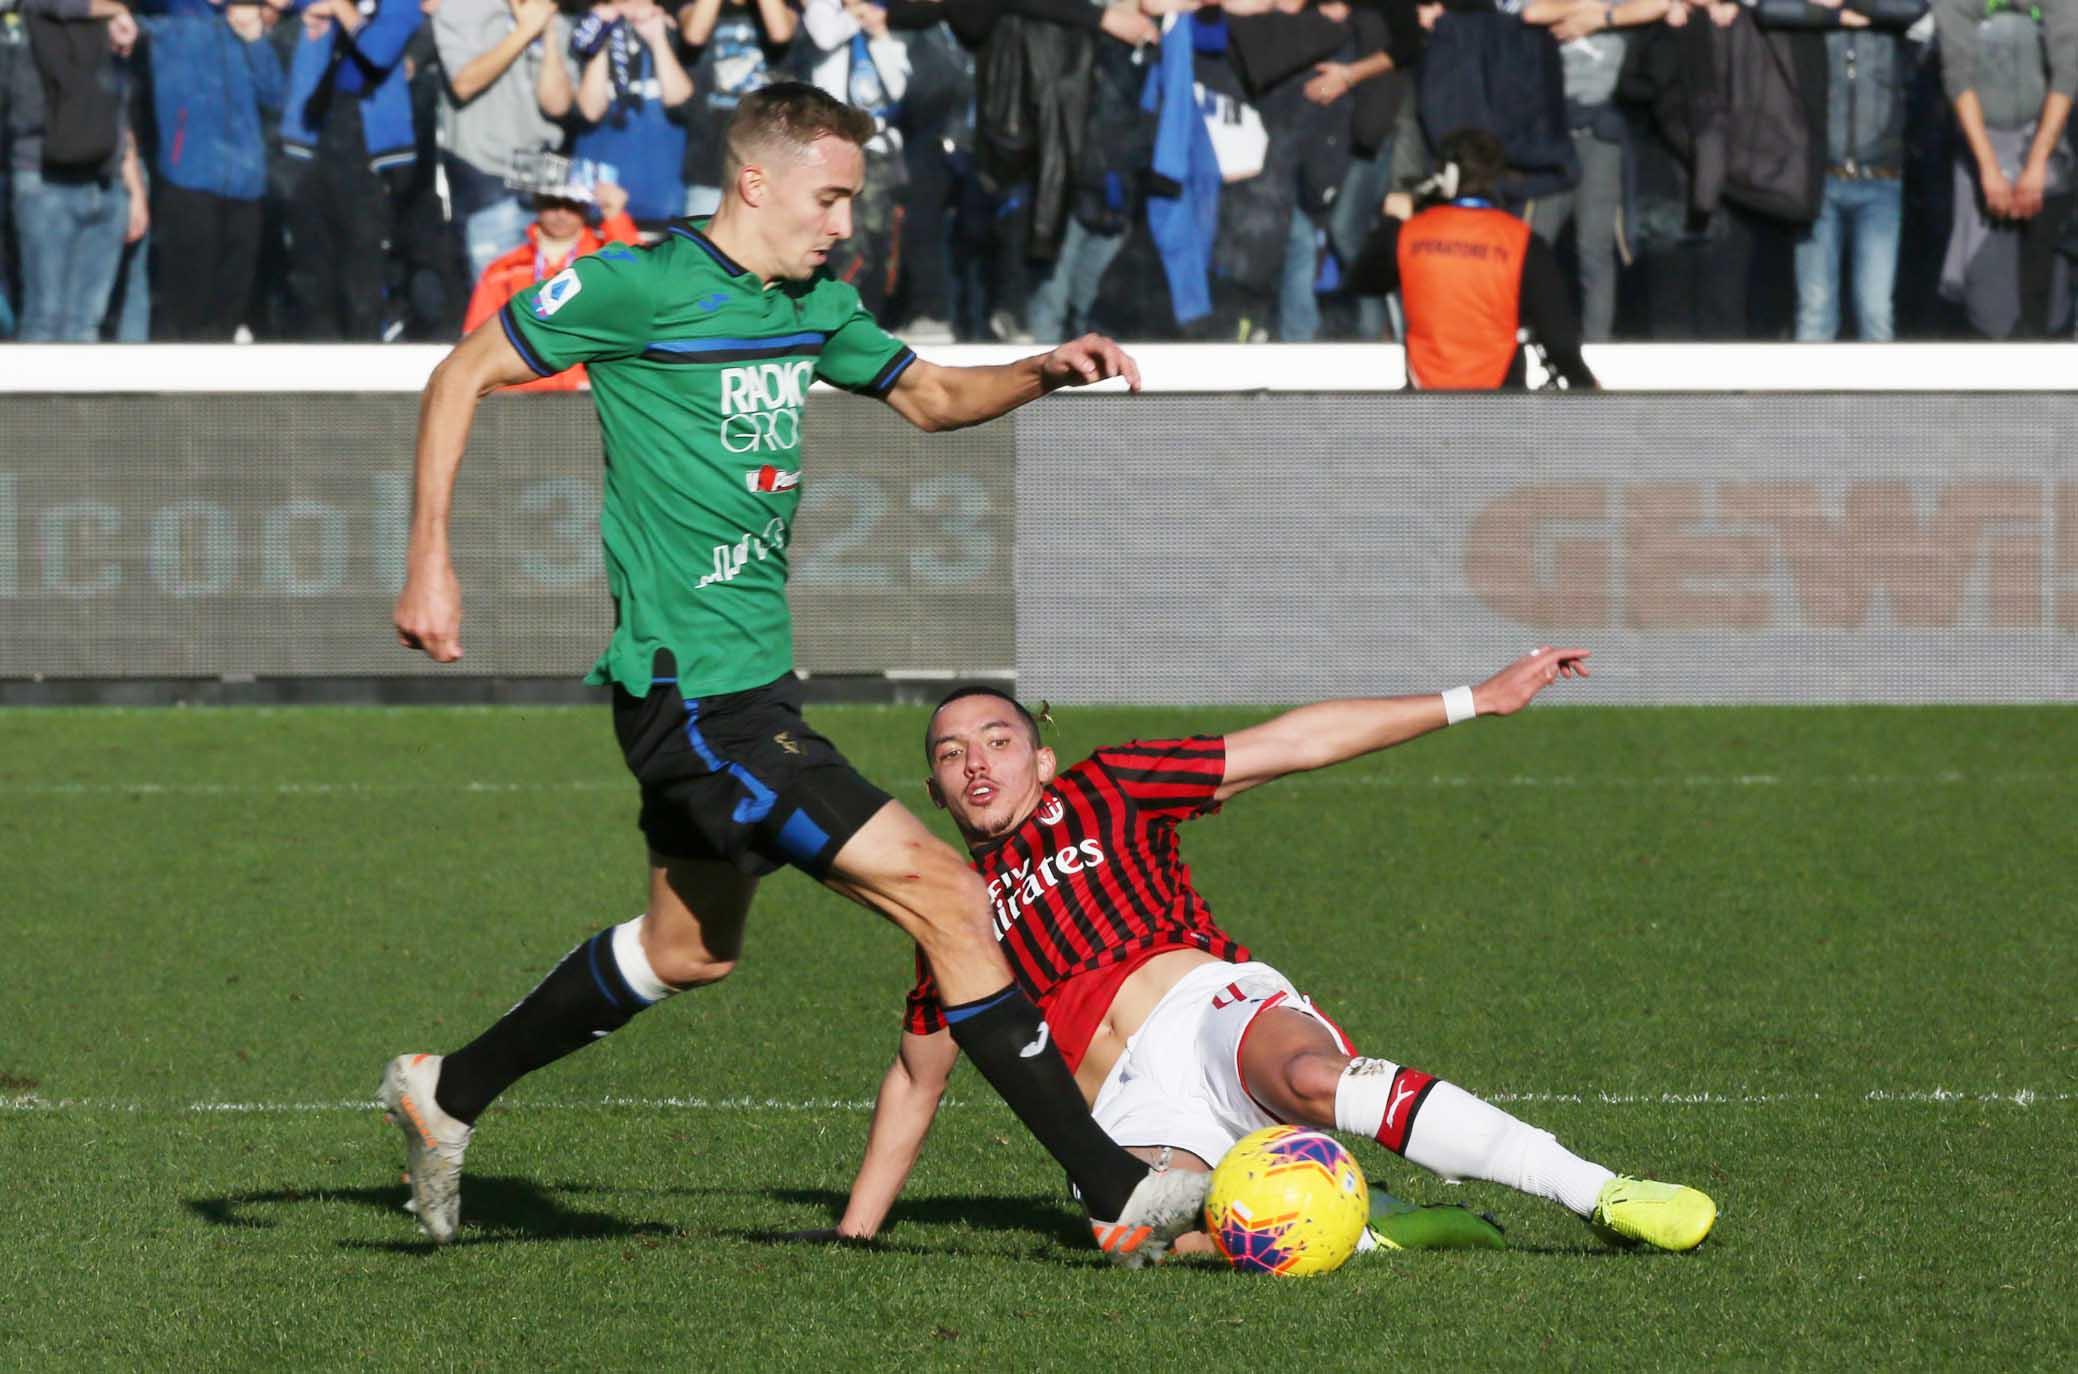 SERIE A, Che disfatta il Torino: l'Atalanta vince 0-7